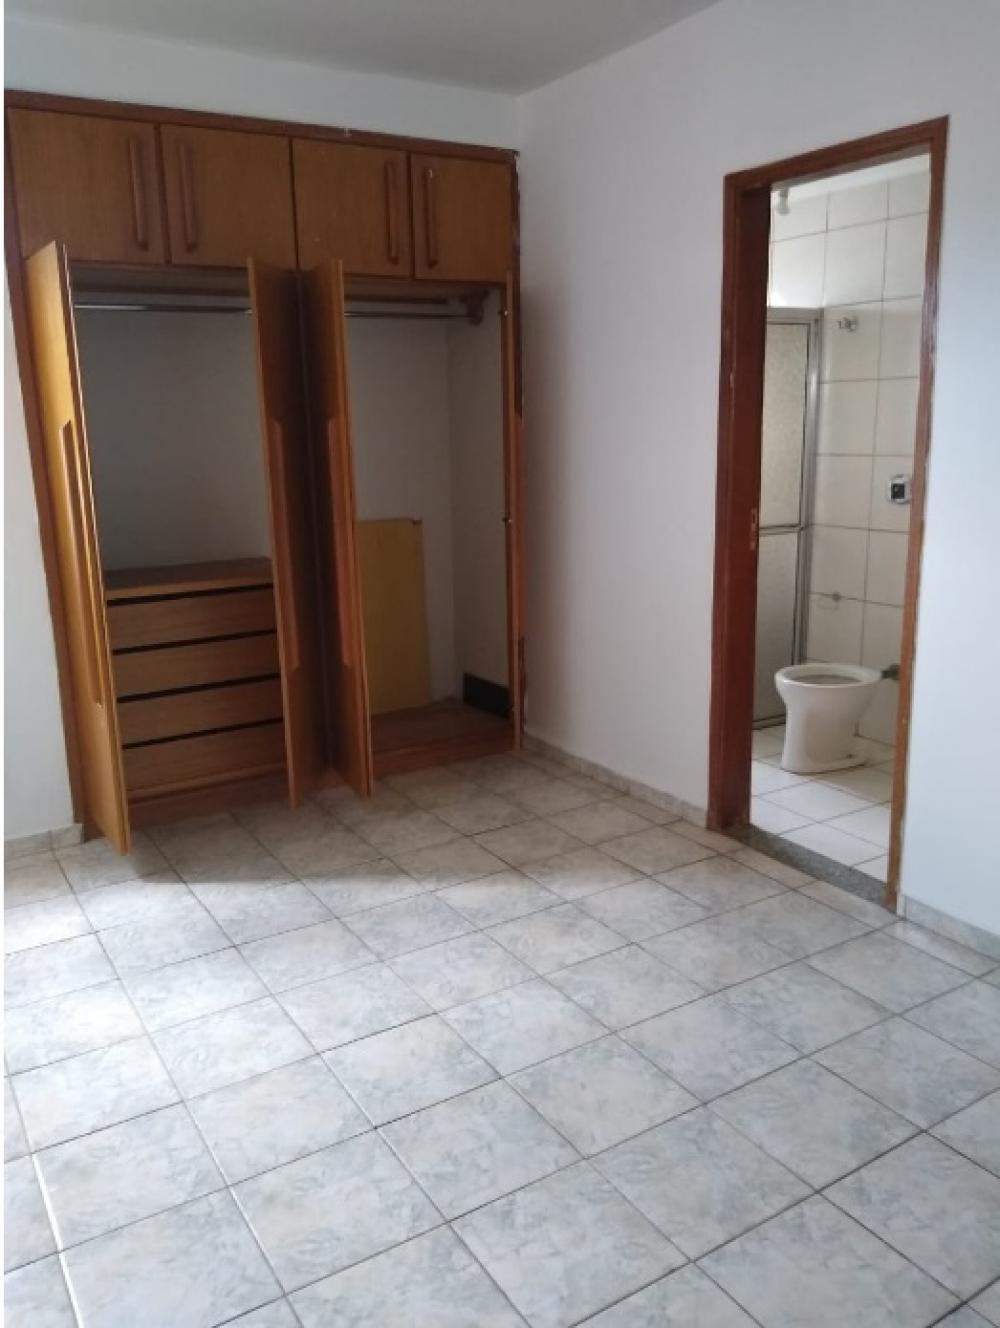 Comprar Apartamento / Padrão em São José do Rio Preto apenas R$ 160.000,00 - Foto 2